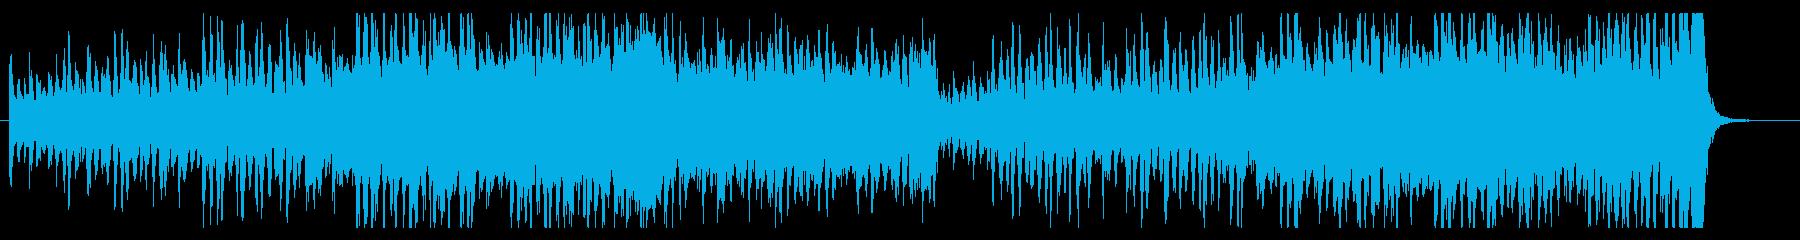 サスペンス追跡シーンの緊迫壮大BGMの再生済みの波形